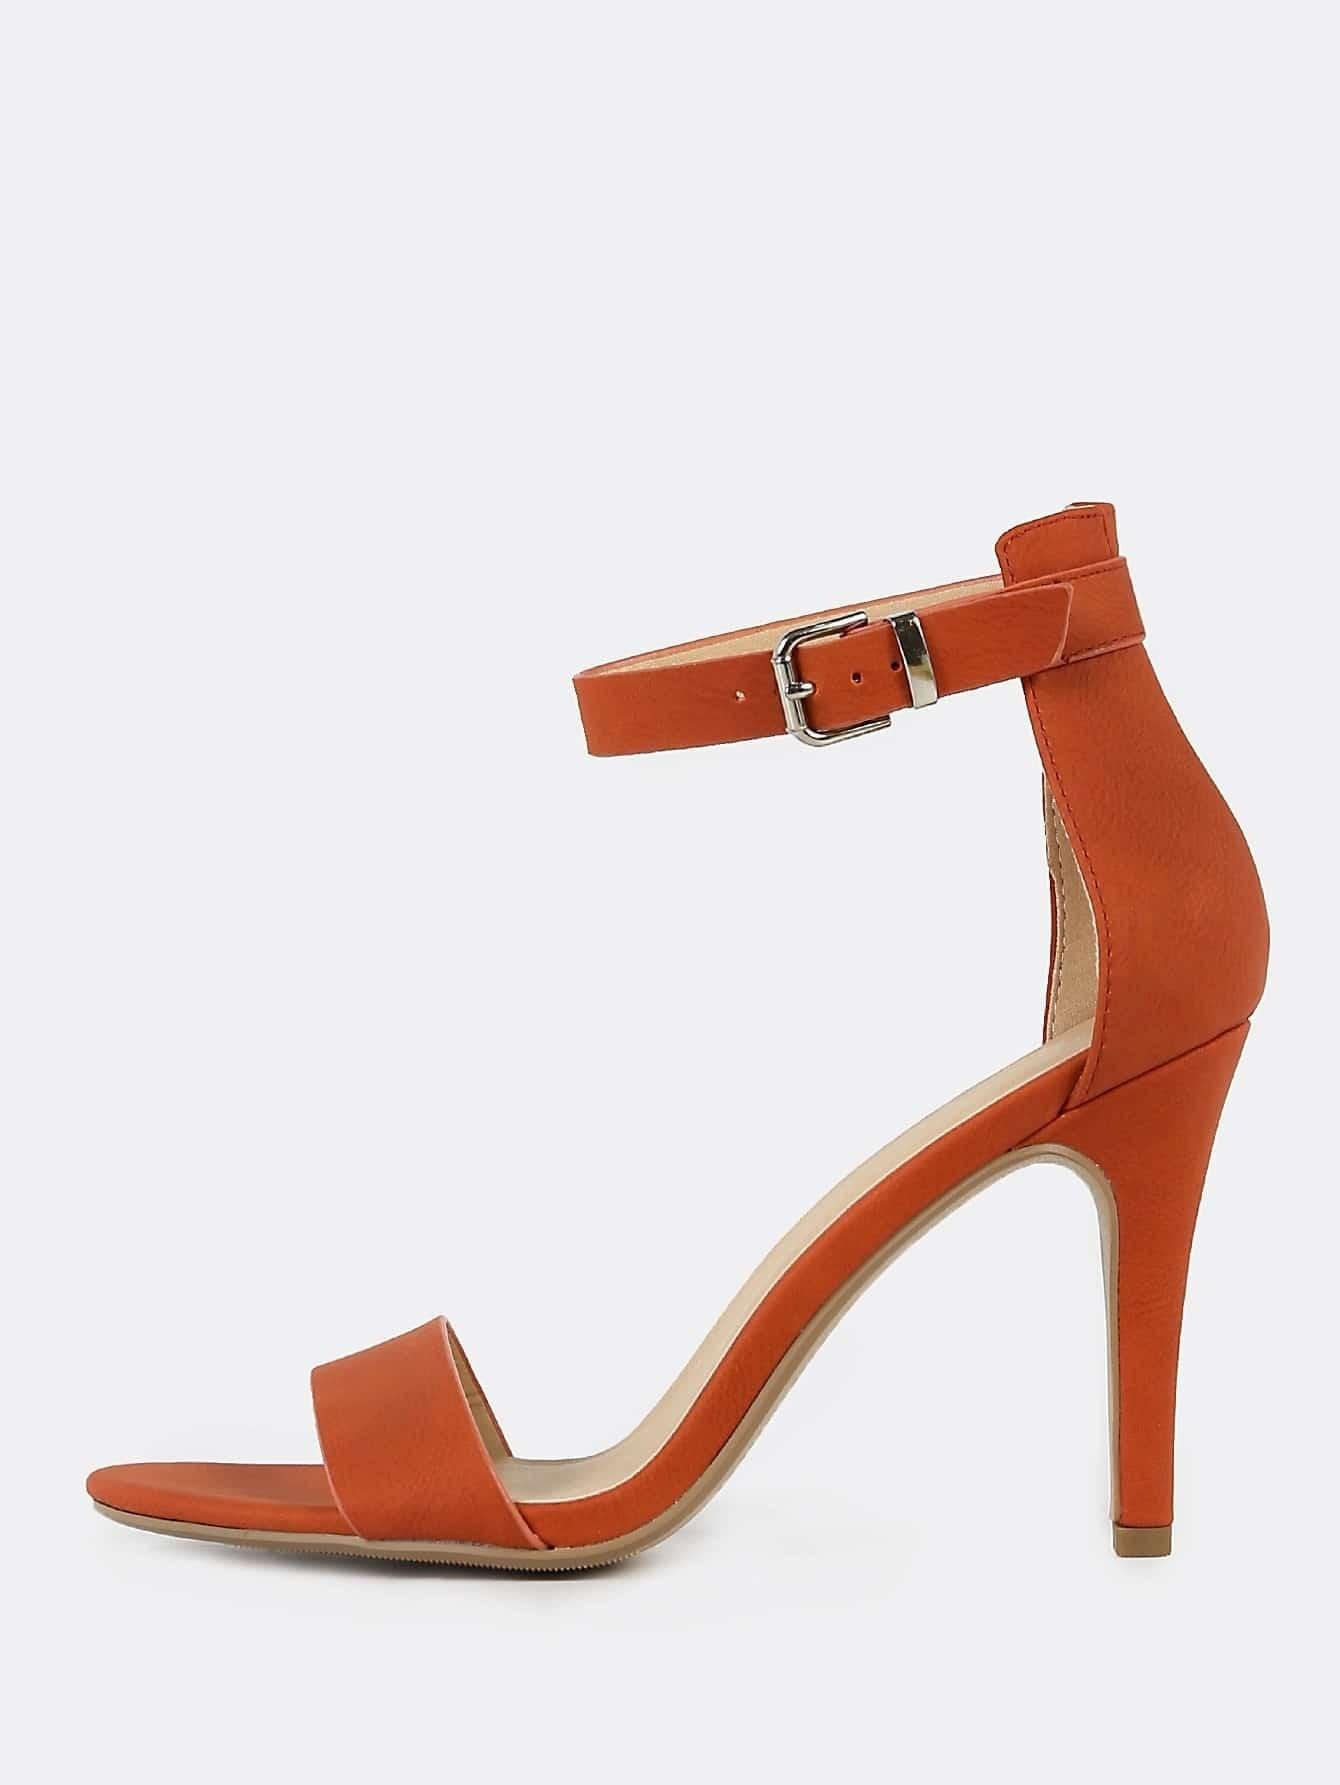 F & F Suede Anklestrap Stilettos in Burnt Orange Size 6